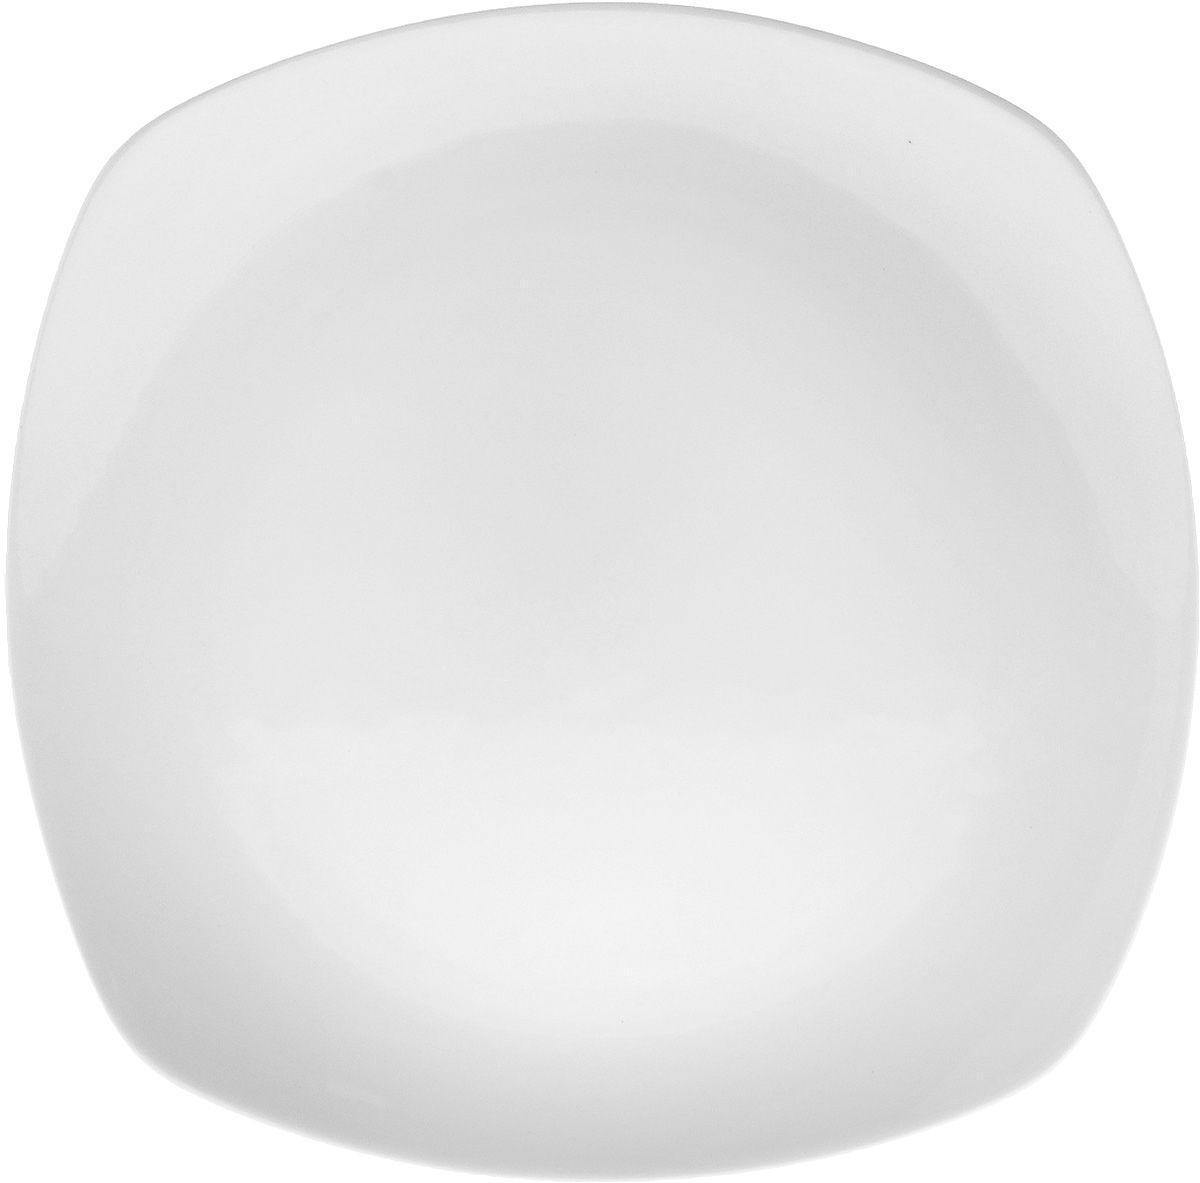 Тарелка обеденная Wilmax квадратная 24,5 см